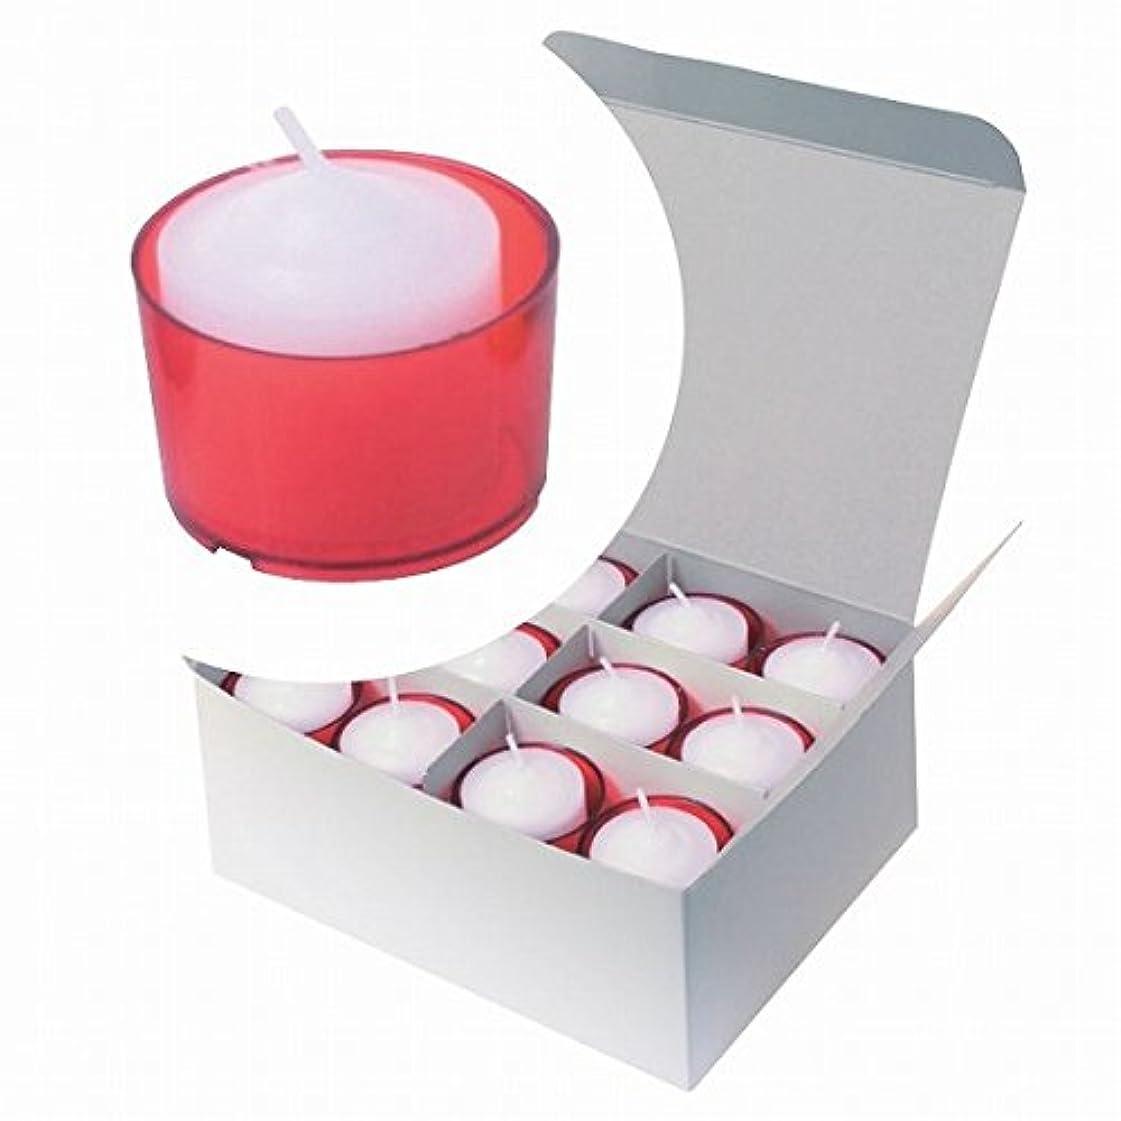 正確に上下するスピンカメヤマキャンドル( kameyama candle ) カラークリアカップボーティブ6時間タイプ 24個入り 「 レッド 」